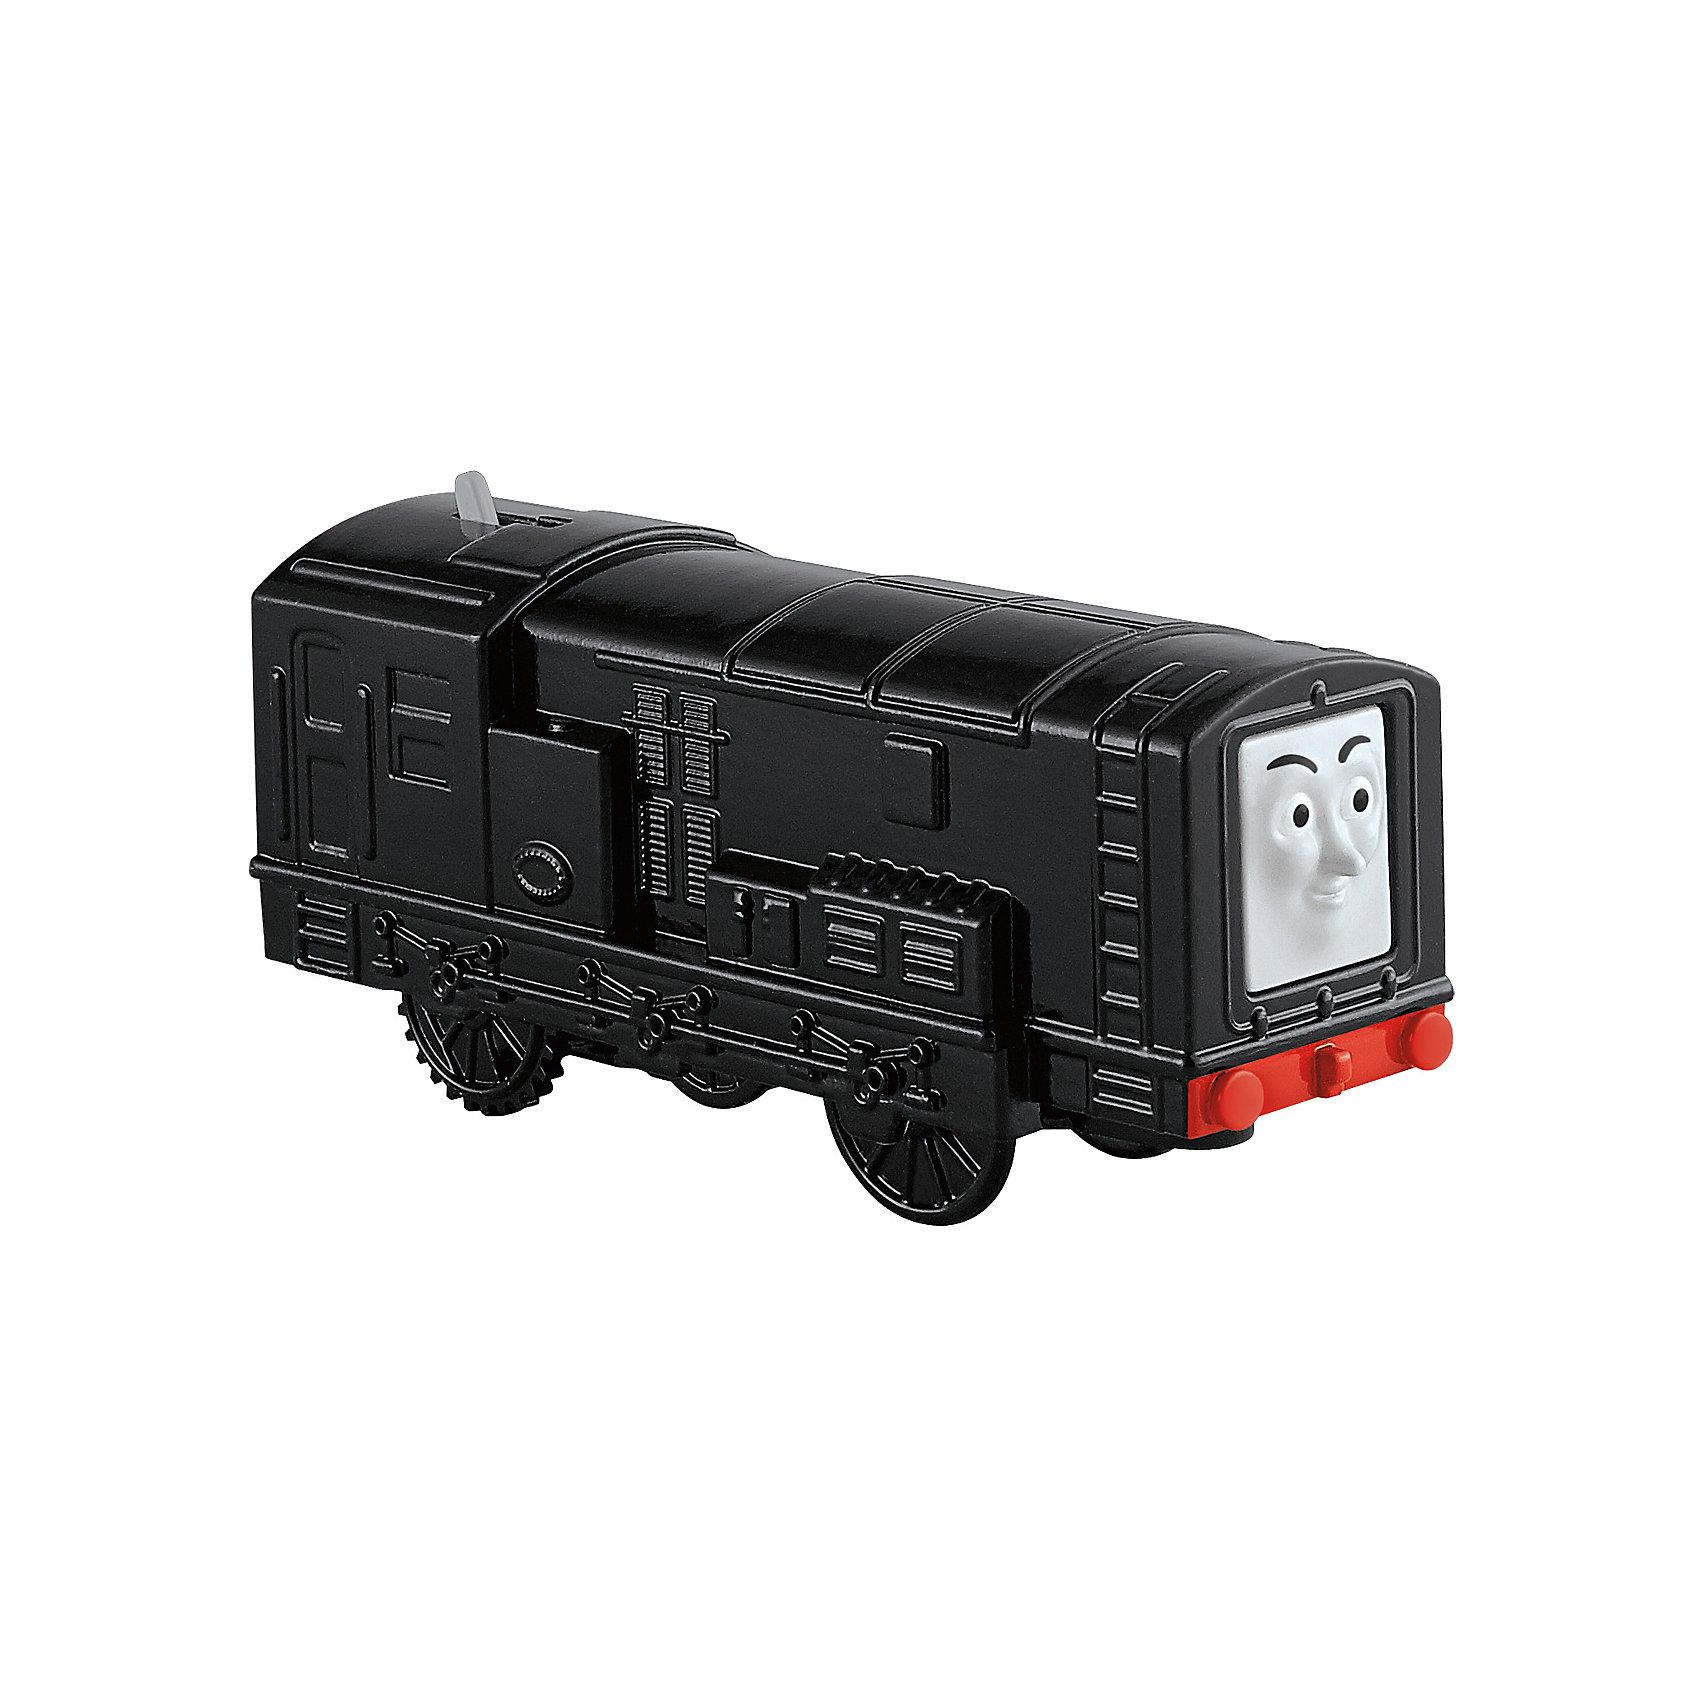 Моторизированный паровозик, Томас и его друзьяИгрушечная железная дорога<br>Железная дорога – увлекательная игра, знакомая многим родителям с детства. Моторизированные паровозики – новое слово техники в сфере детских игрушек. Томас , веселый паровозик, ездит по железной дороге вместе со своими друзьями. В наборе представлено 6 игрушек. Все модели упакованы в удобную картонную коробку, компактного размера, подходящую для хранения. Материалы, использованные при изготовлении игрушек, сертифицированы, полностью безопасны для детей и отвечают всем требованиям по качеству.<br><br>Дополнительная информация: <br><br>цвет: разноцветный;<br>возраст: 3+;<br>количество: 6 штук;<br>материал: высококачественный пластик.<br>Моторизированные паровозики «Томас и его друзья» от компании Mattel можно приобрести в нашем магазине<br><br>Ширина мм: 45<br>Глубина мм: 210<br>Высота мм: 140<br>Вес г: 166<br>Возраст от месяцев: 36<br>Возраст до месяцев: 120<br>Пол: Унисекс<br>Возраст: Детский<br>SKU: 5004513